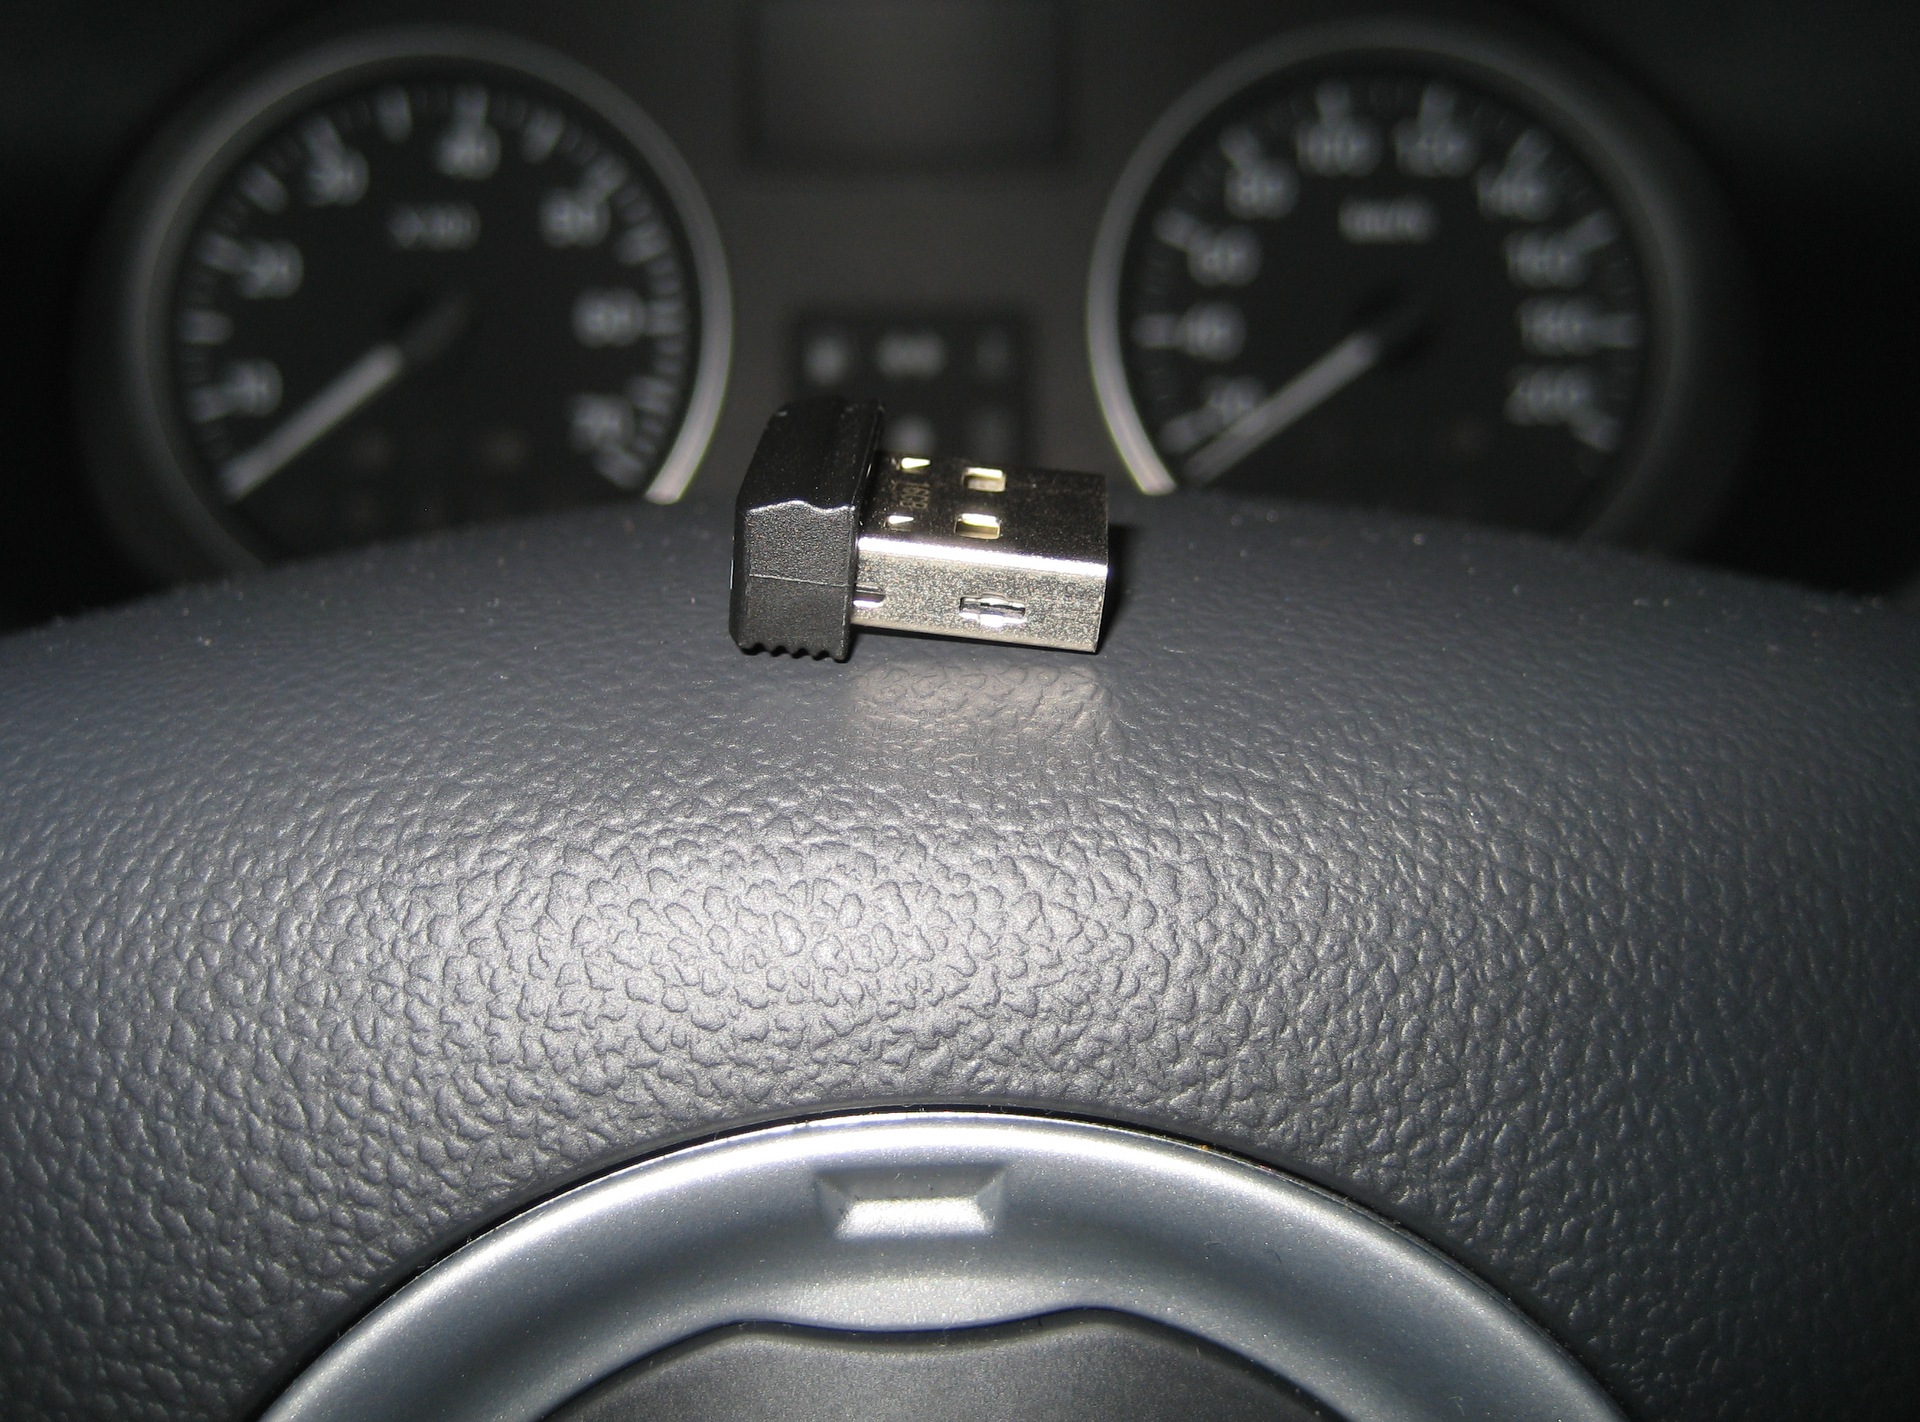 инструкция по настройке автомагнитолы пионер 2010г